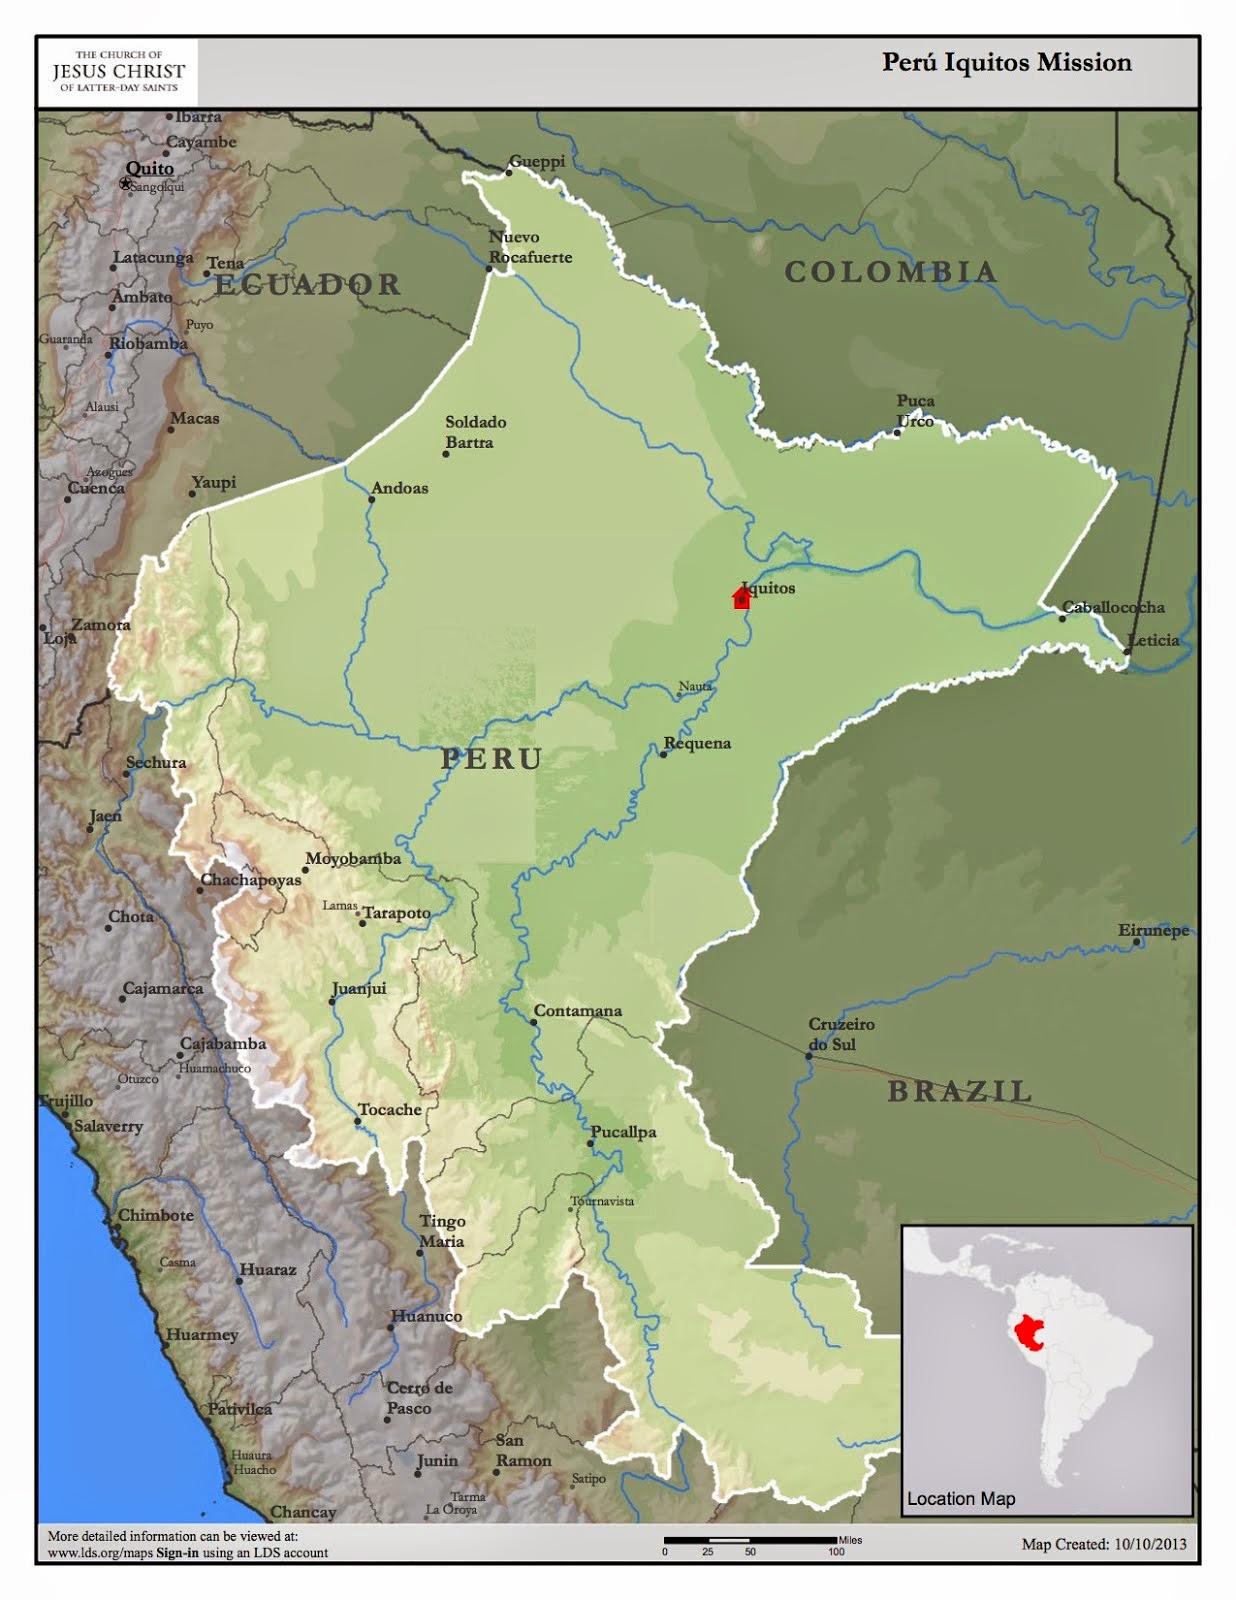 Peru Iquitos Mission